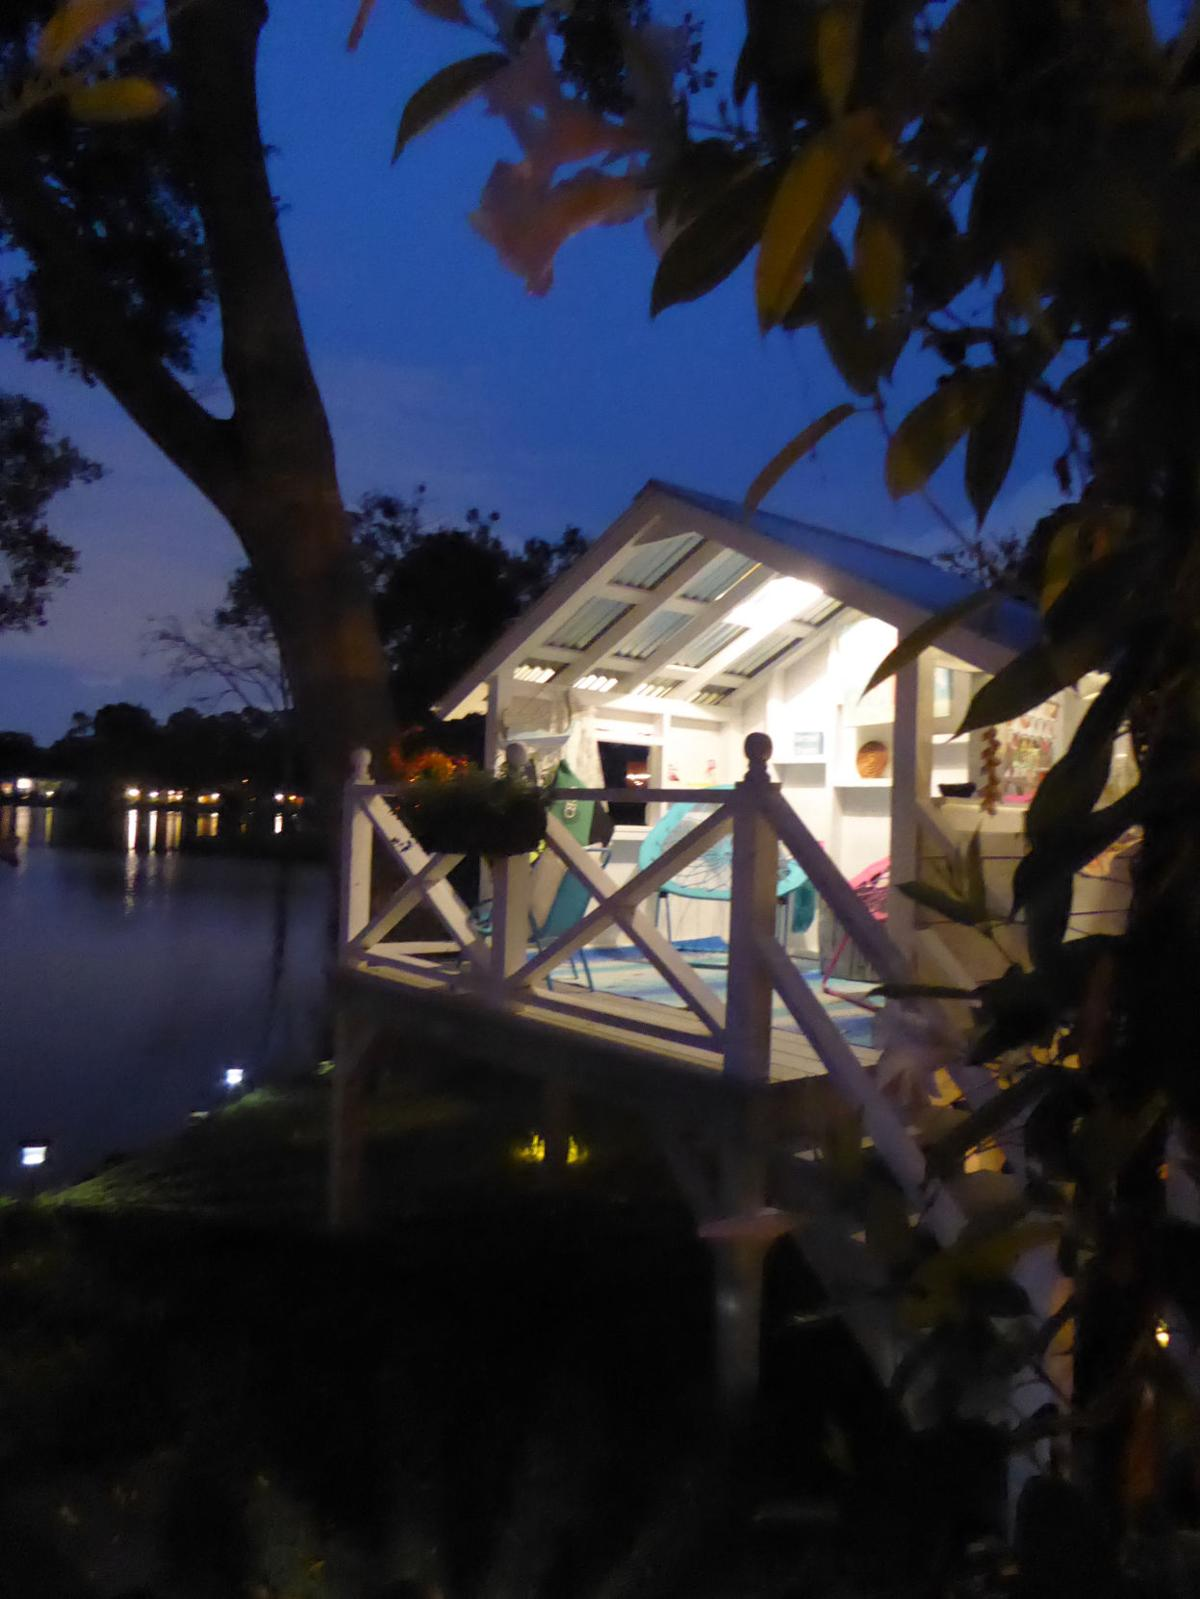 Montalbano Night Lit Garden_Pic 2.jpg